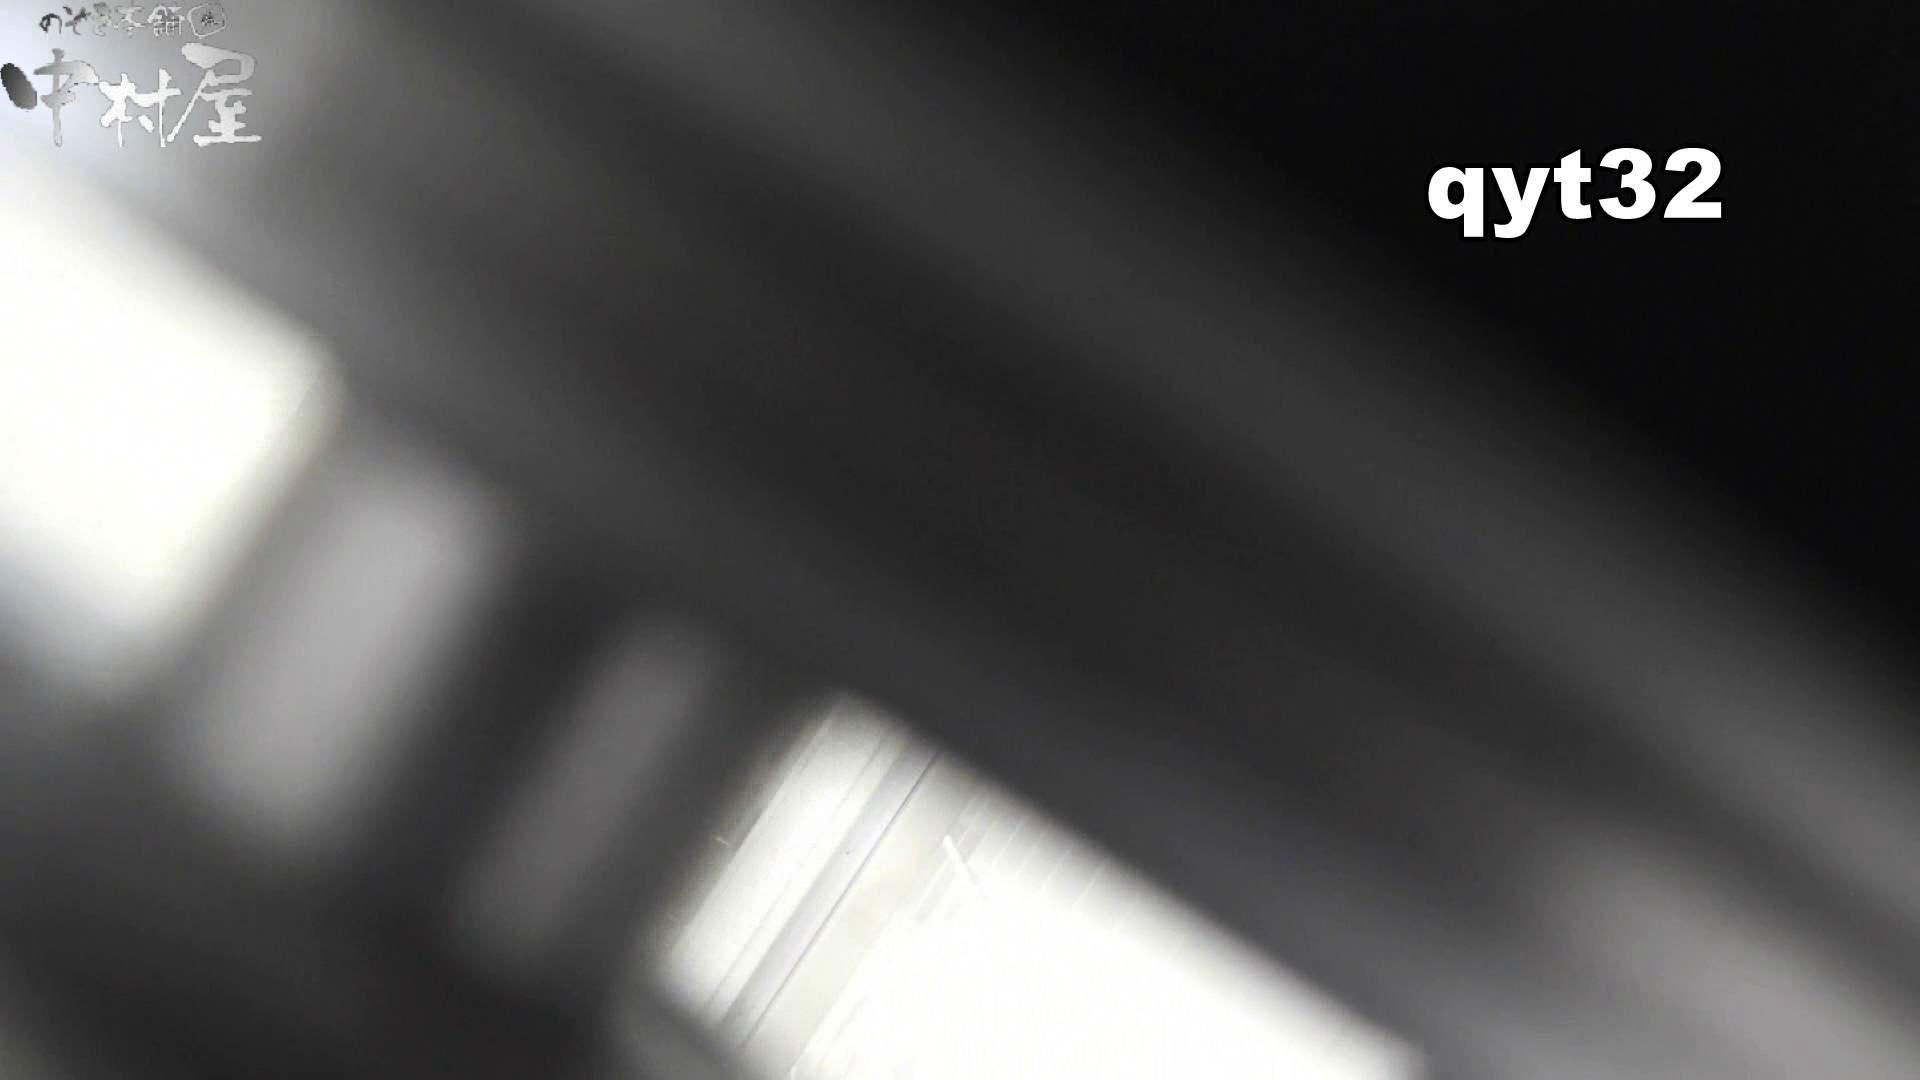 お銀さんの「洗面所突入レポート!!」】お銀さんの「洗面所突入レポート!!」 vol.32 執念 OLすけべ画像   洗面所  74連発 15